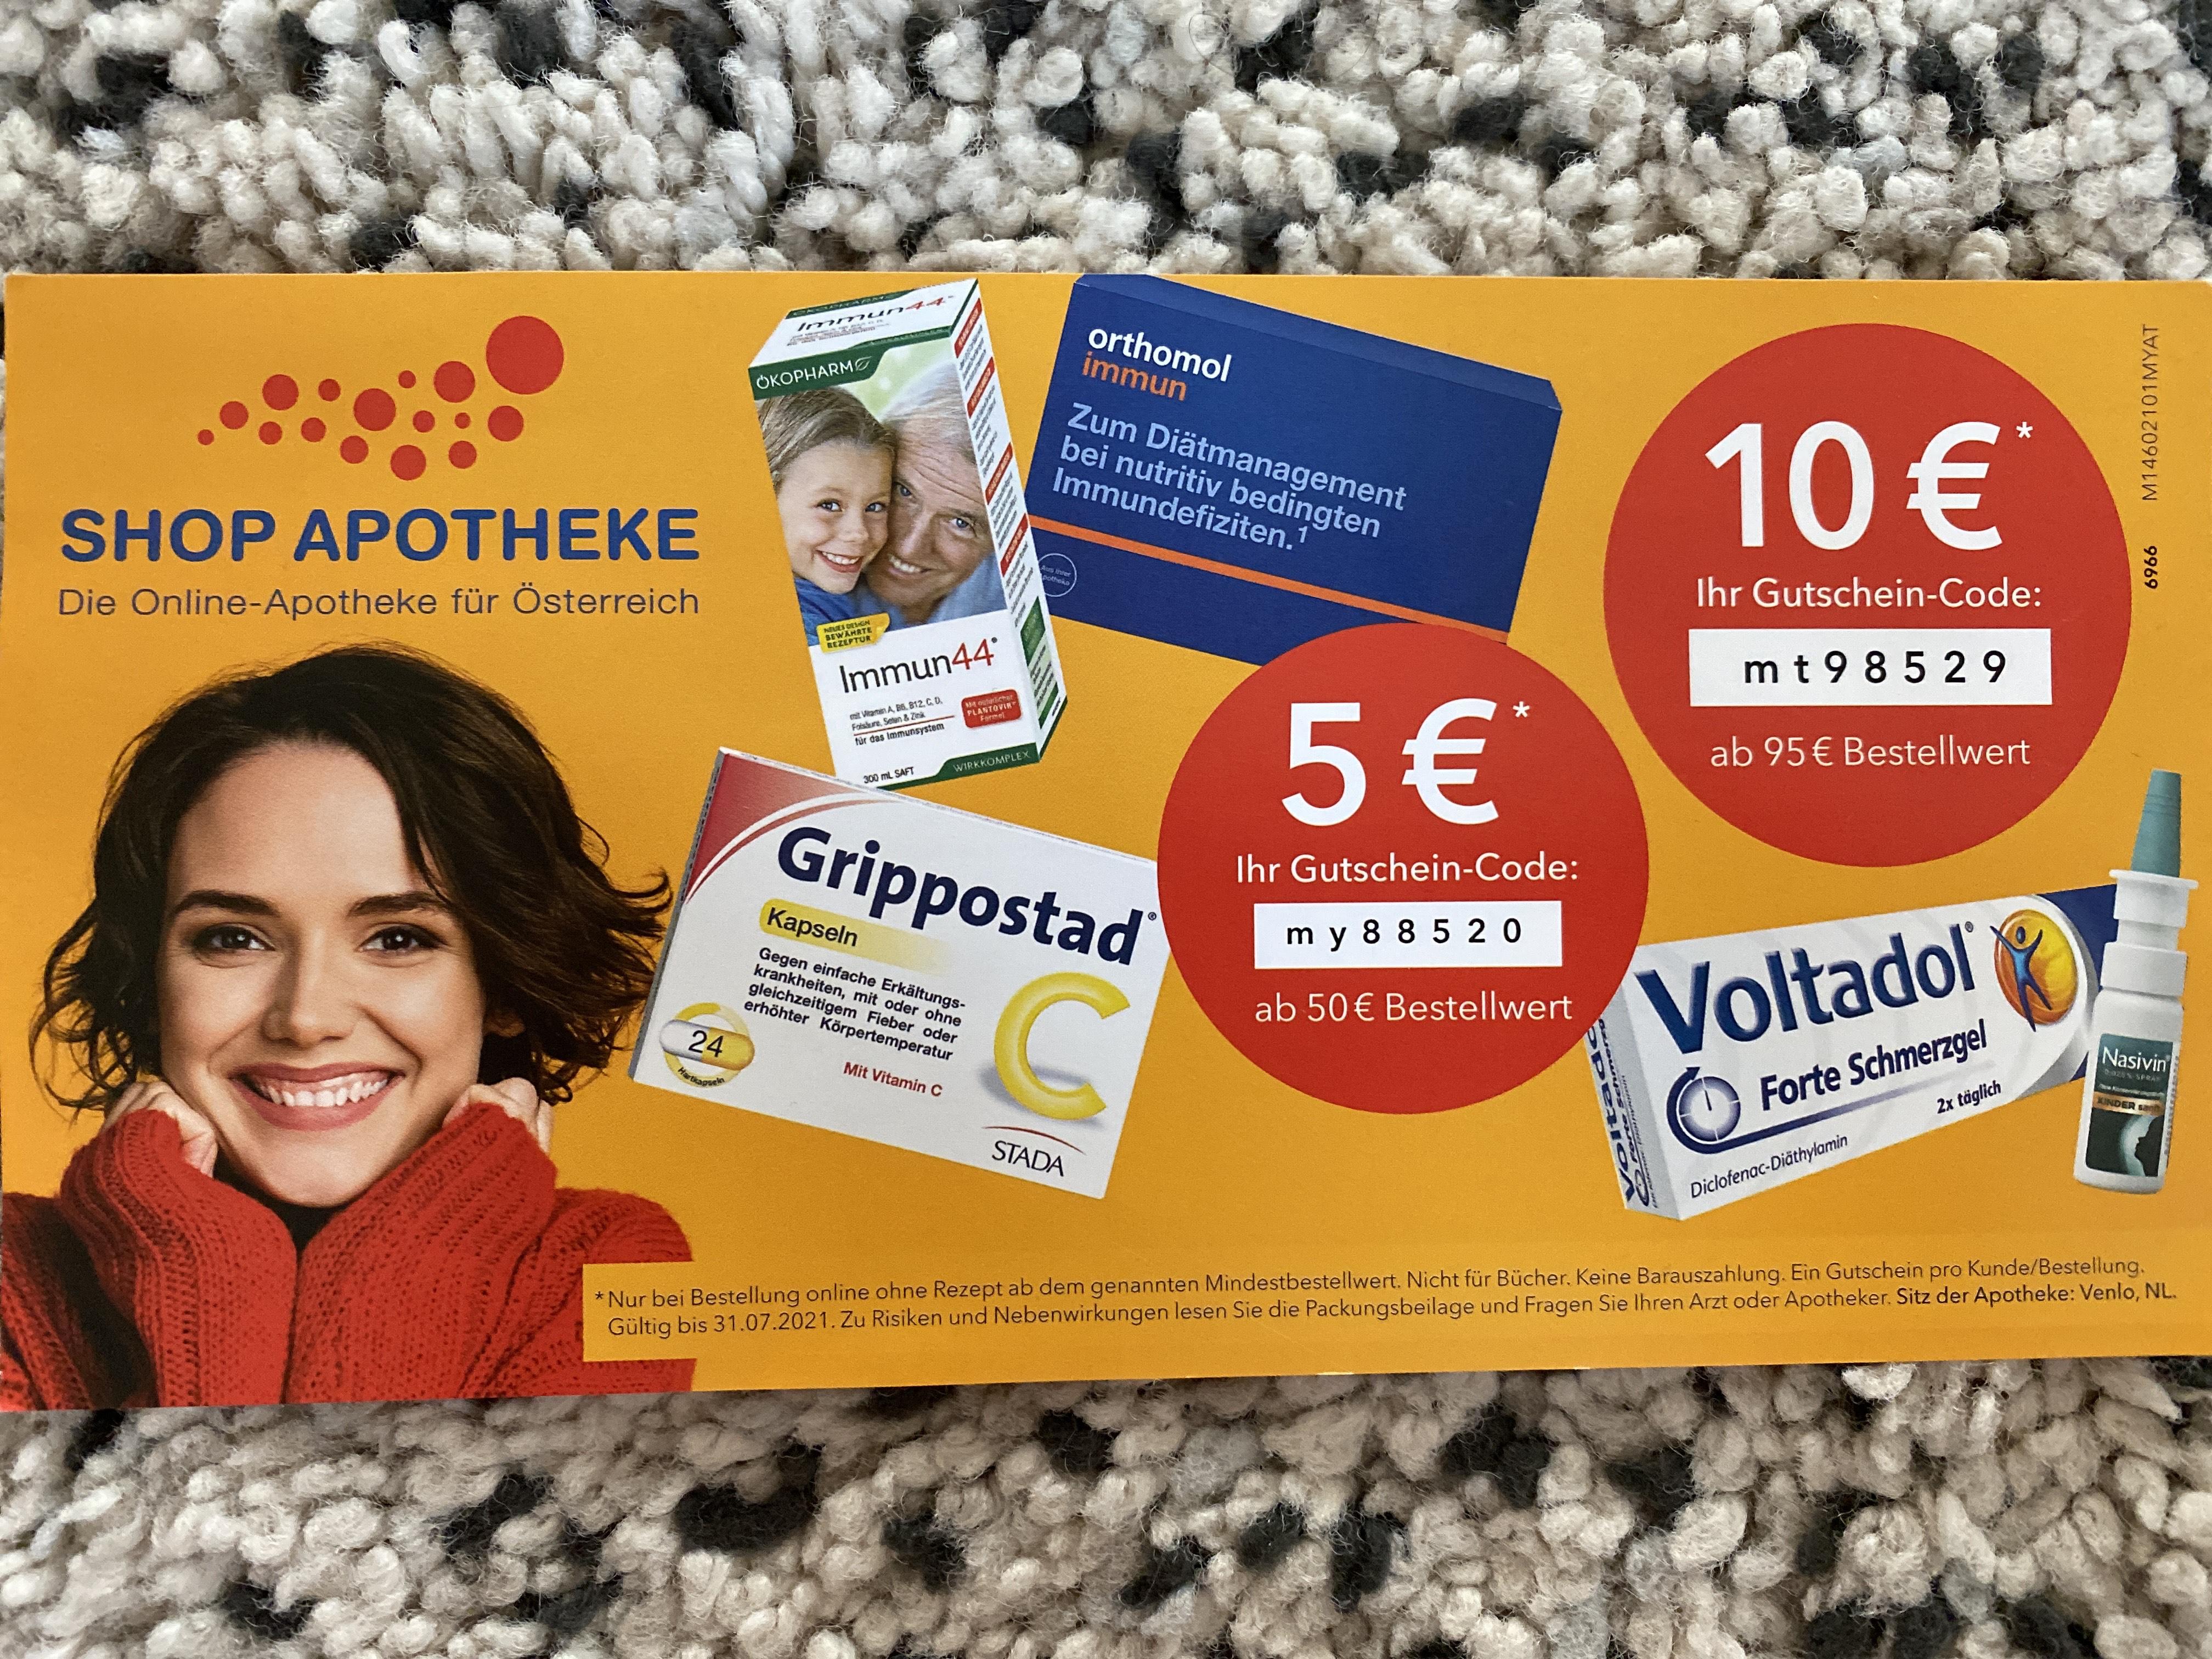 Shop Apotheke: 5€ ab 50€ / 10€ ab 95€